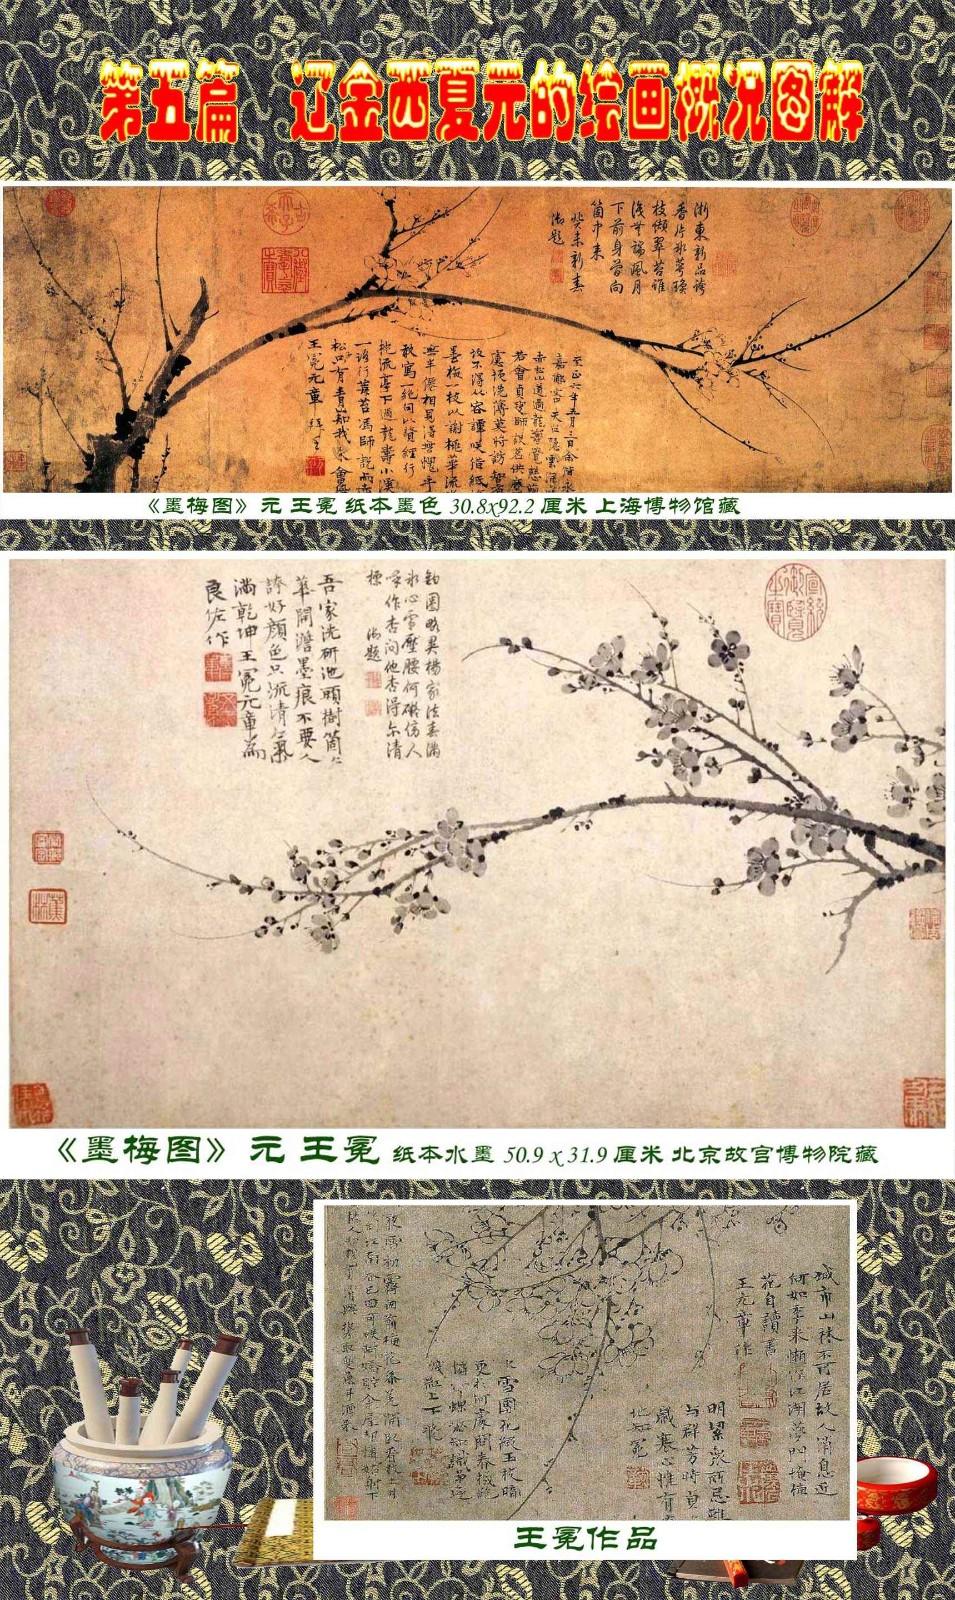 顾绍骅编辑 中国画知识普及版 第五篇 辽金西夏元的绘画概况 下 ... ..._图1-54